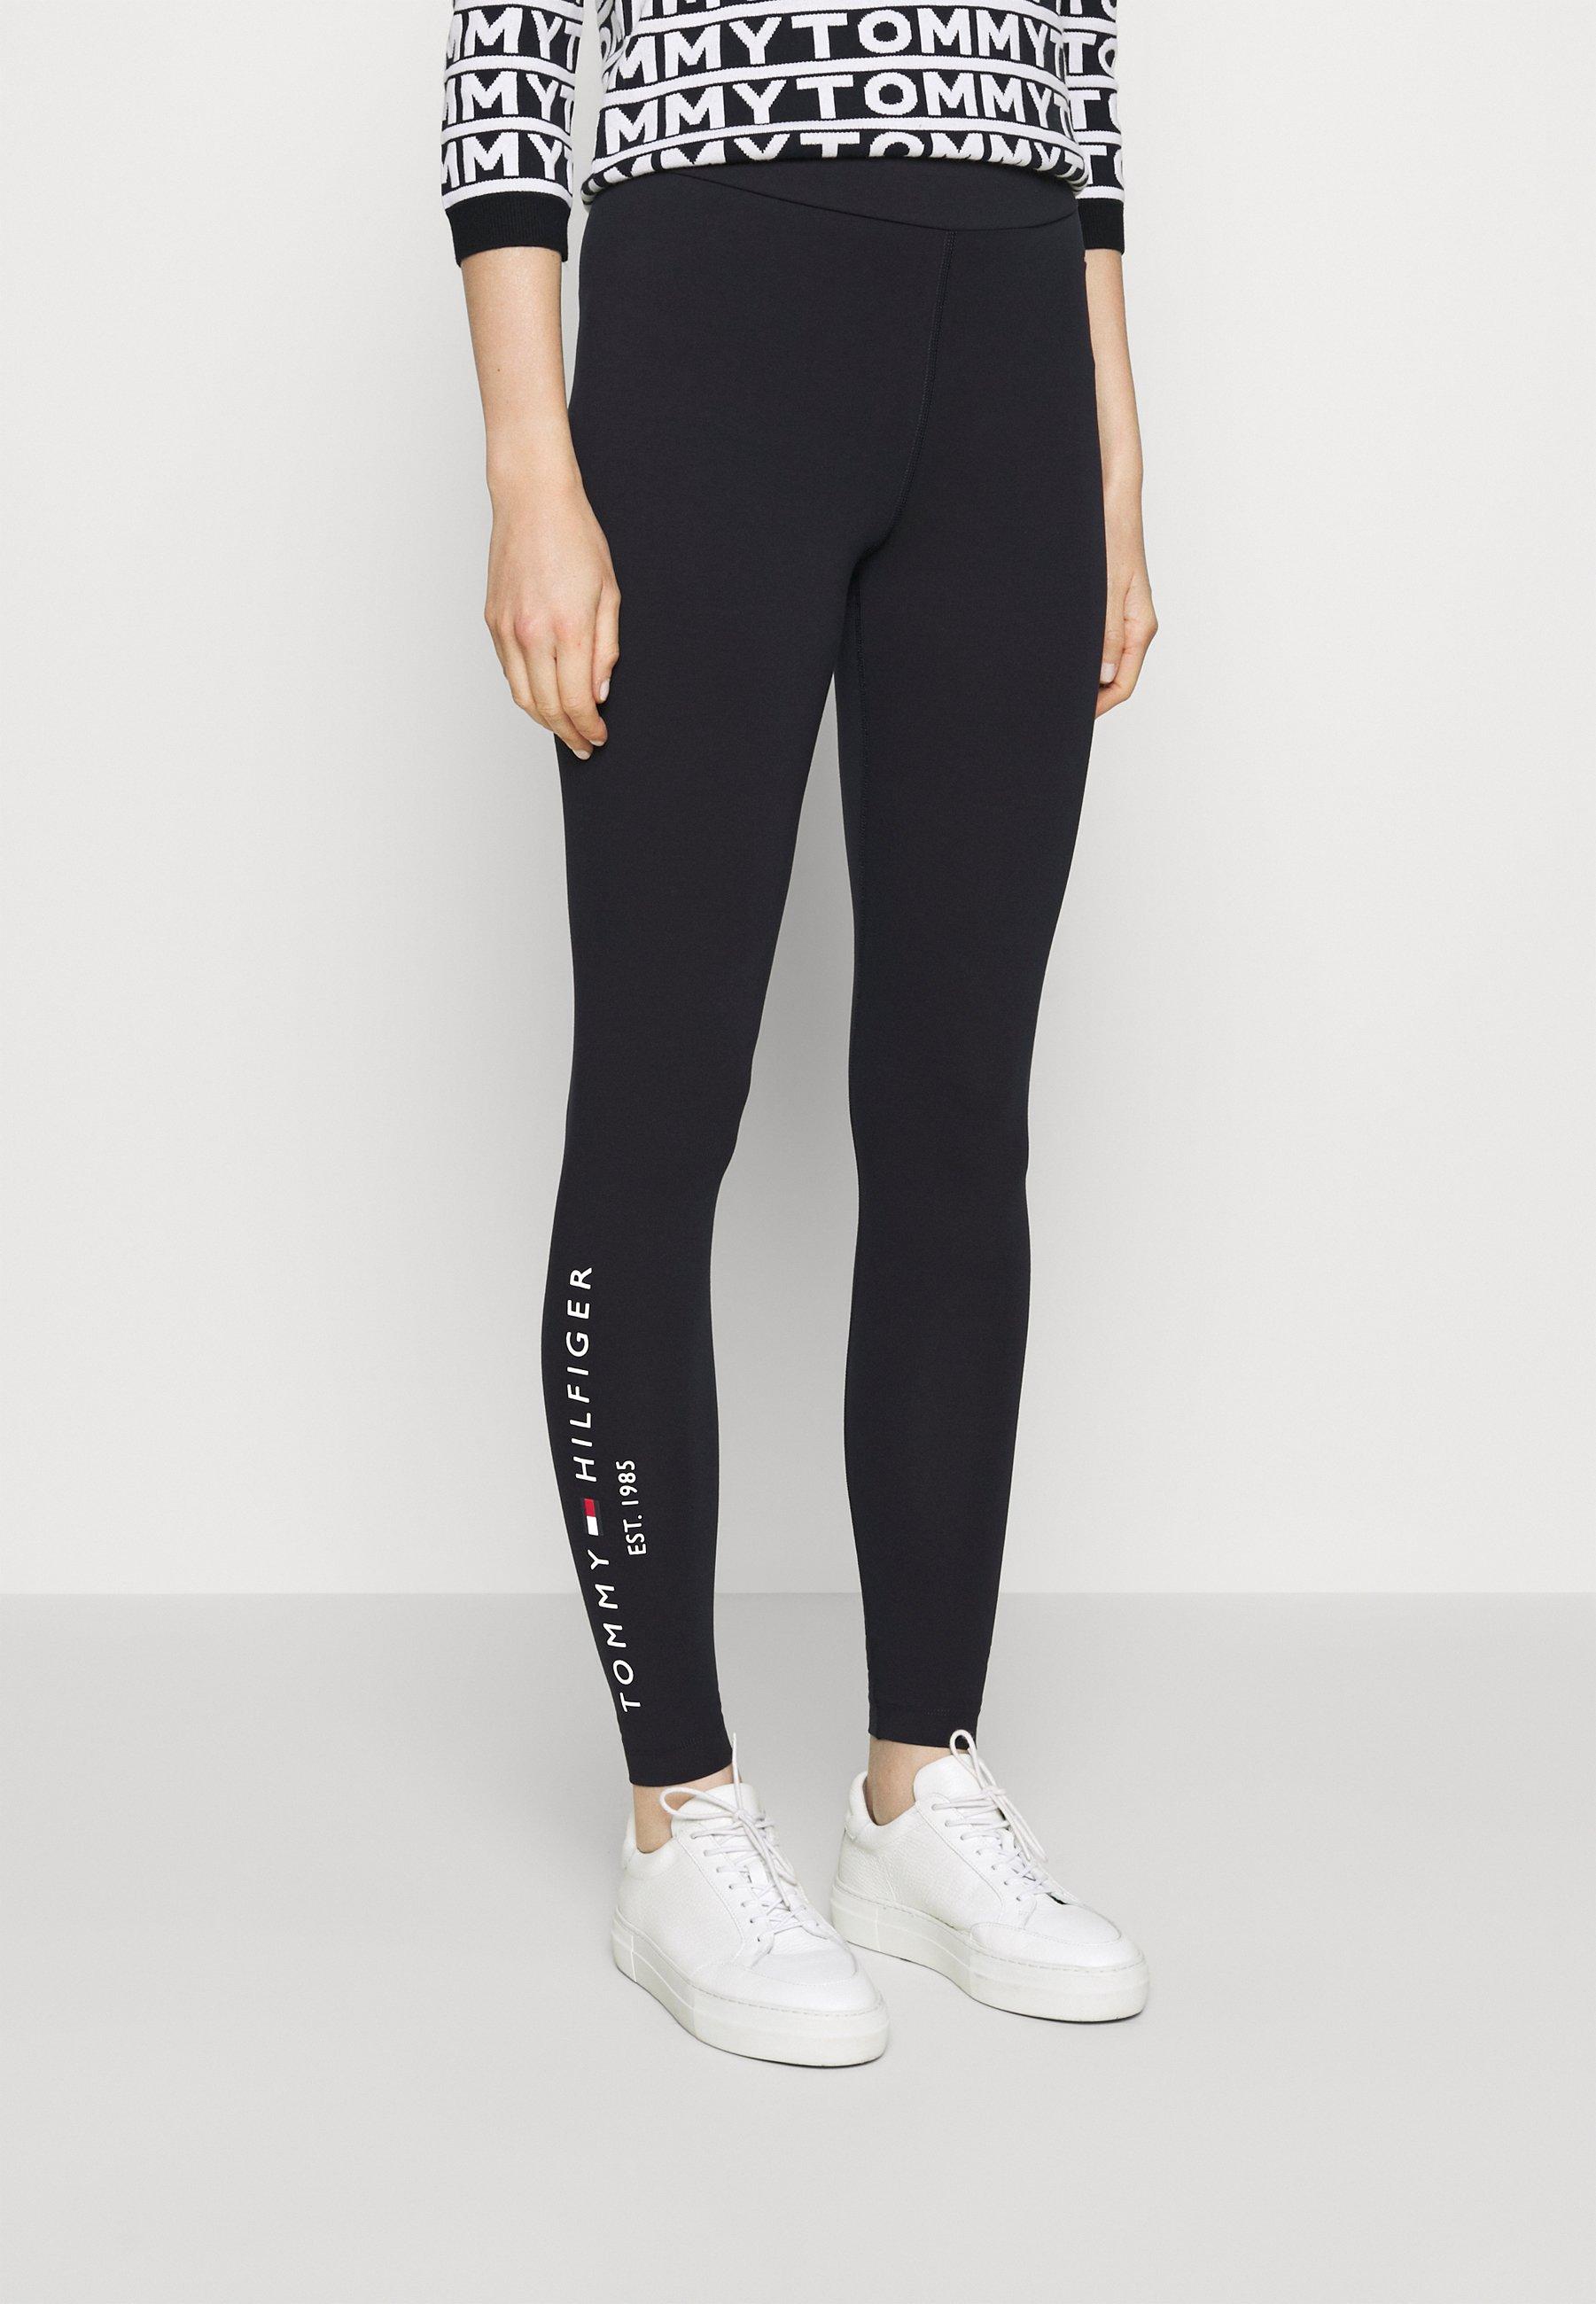 Damen LOGO - Leggings - Hosen